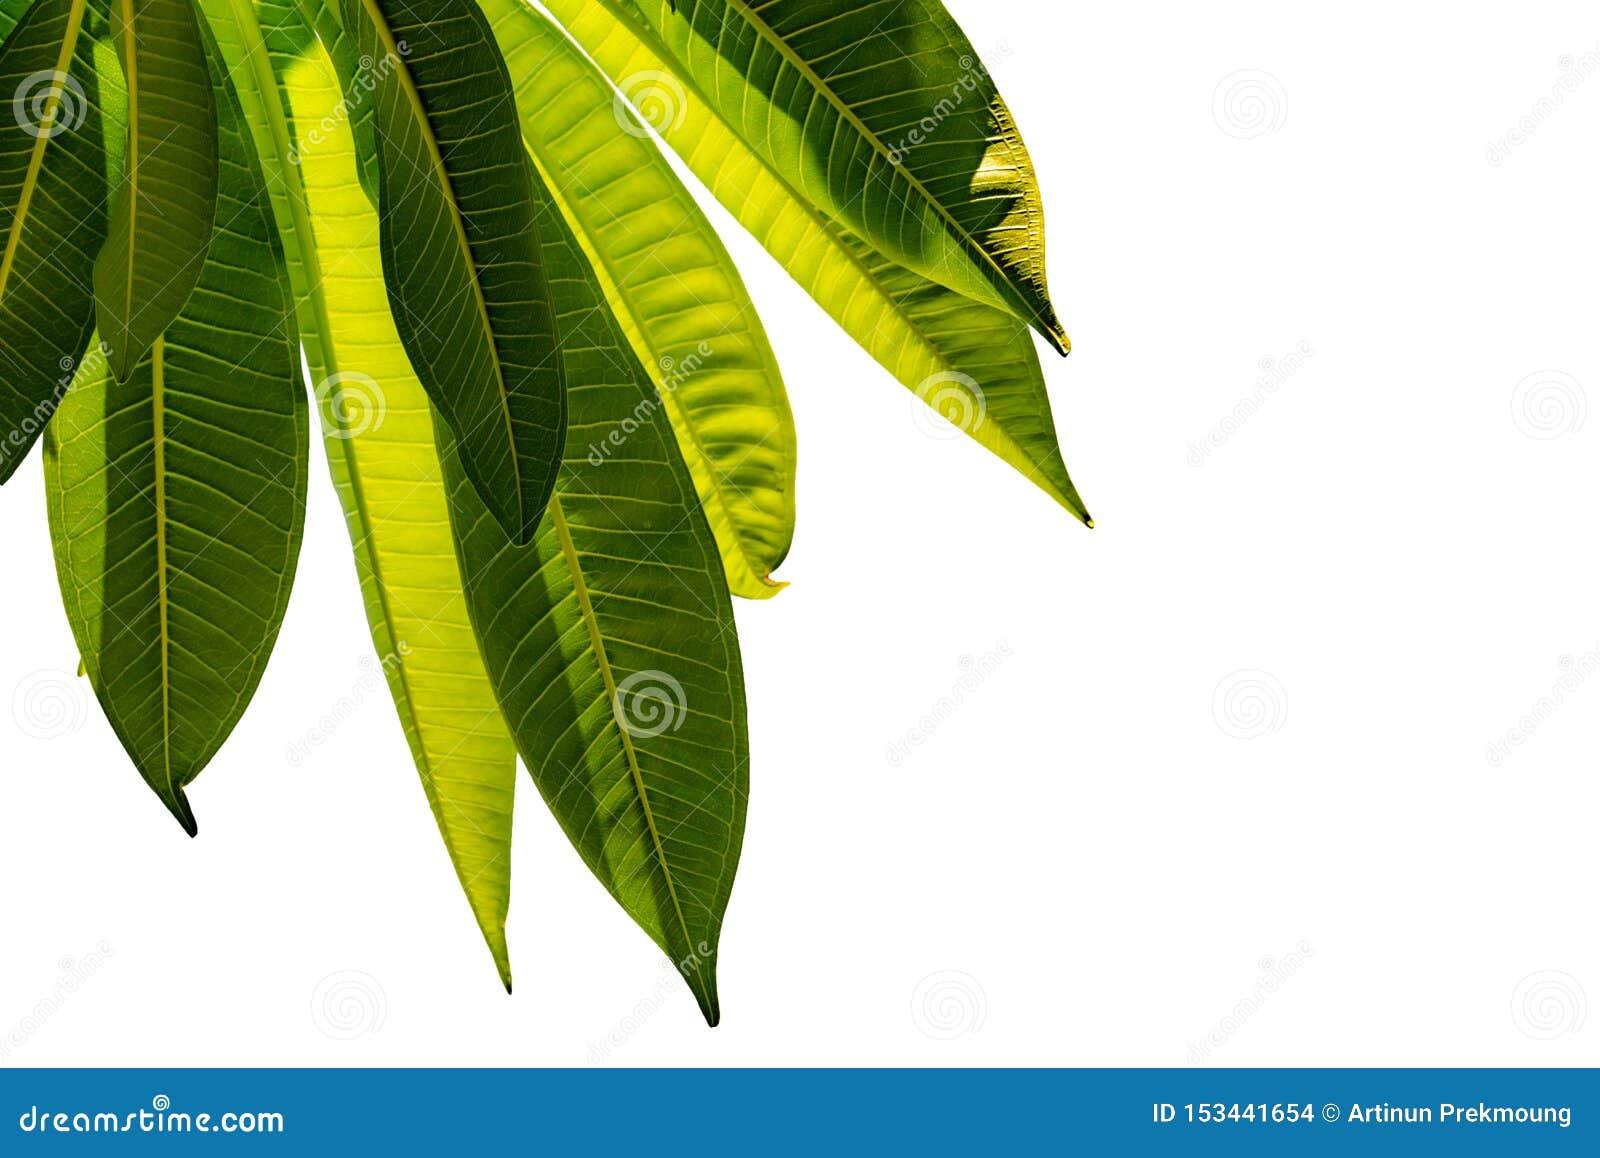 Πράσινα φύλλα που απομονώνονται στο άσπρο υπόβαθρο για το σχέδιο τέχνης και διακοσμητικά Υπόβαθρο σύστασης φύσης Αγαπήστε τη γήιν